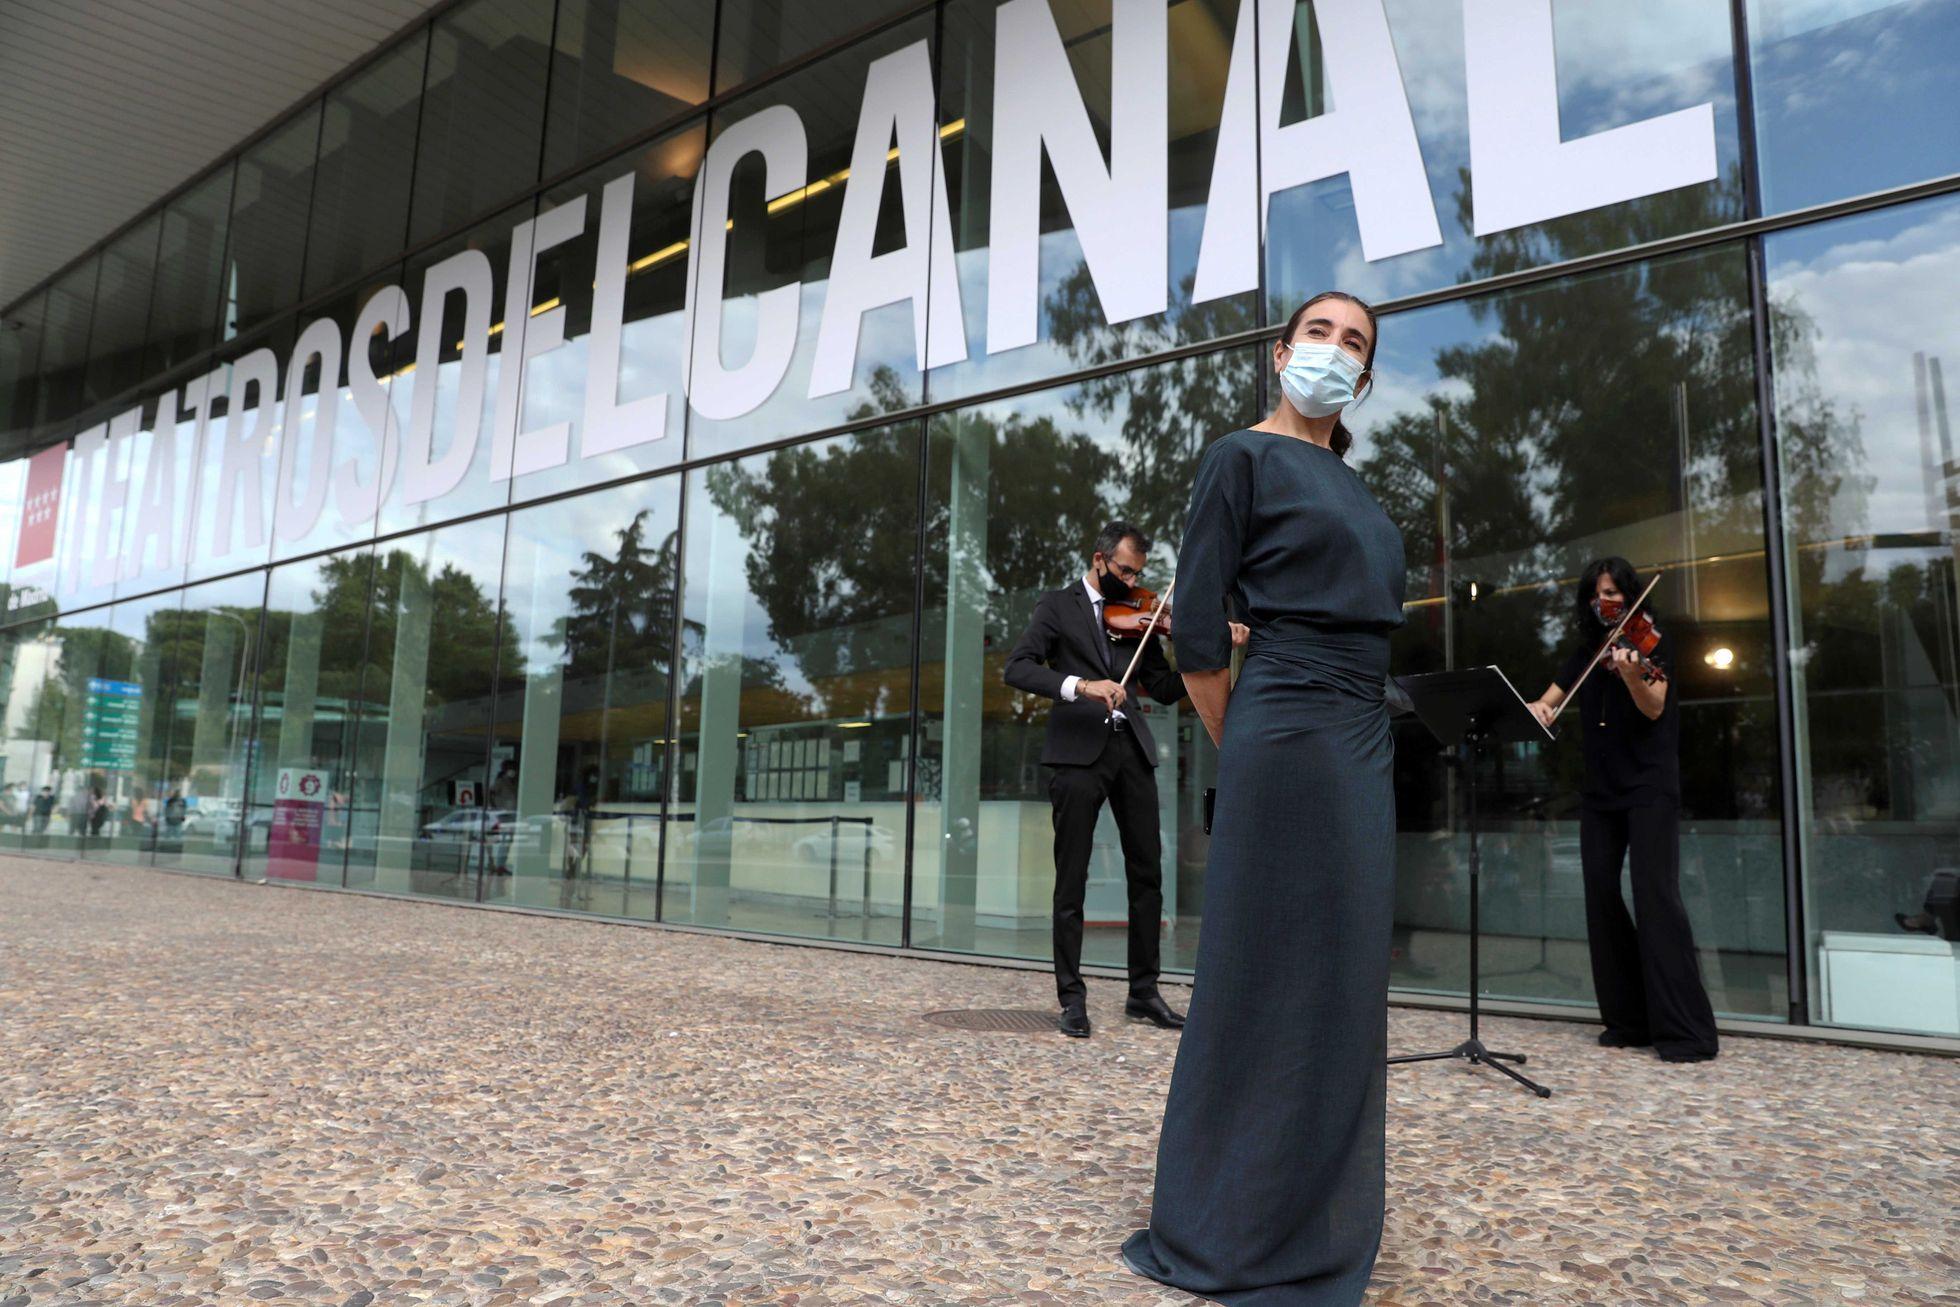 Philippe Jaroussky, Il Pomo d'Oro y Max Richter encabezan la programación musical de la temporada 21/22 de los Teatros del Canal